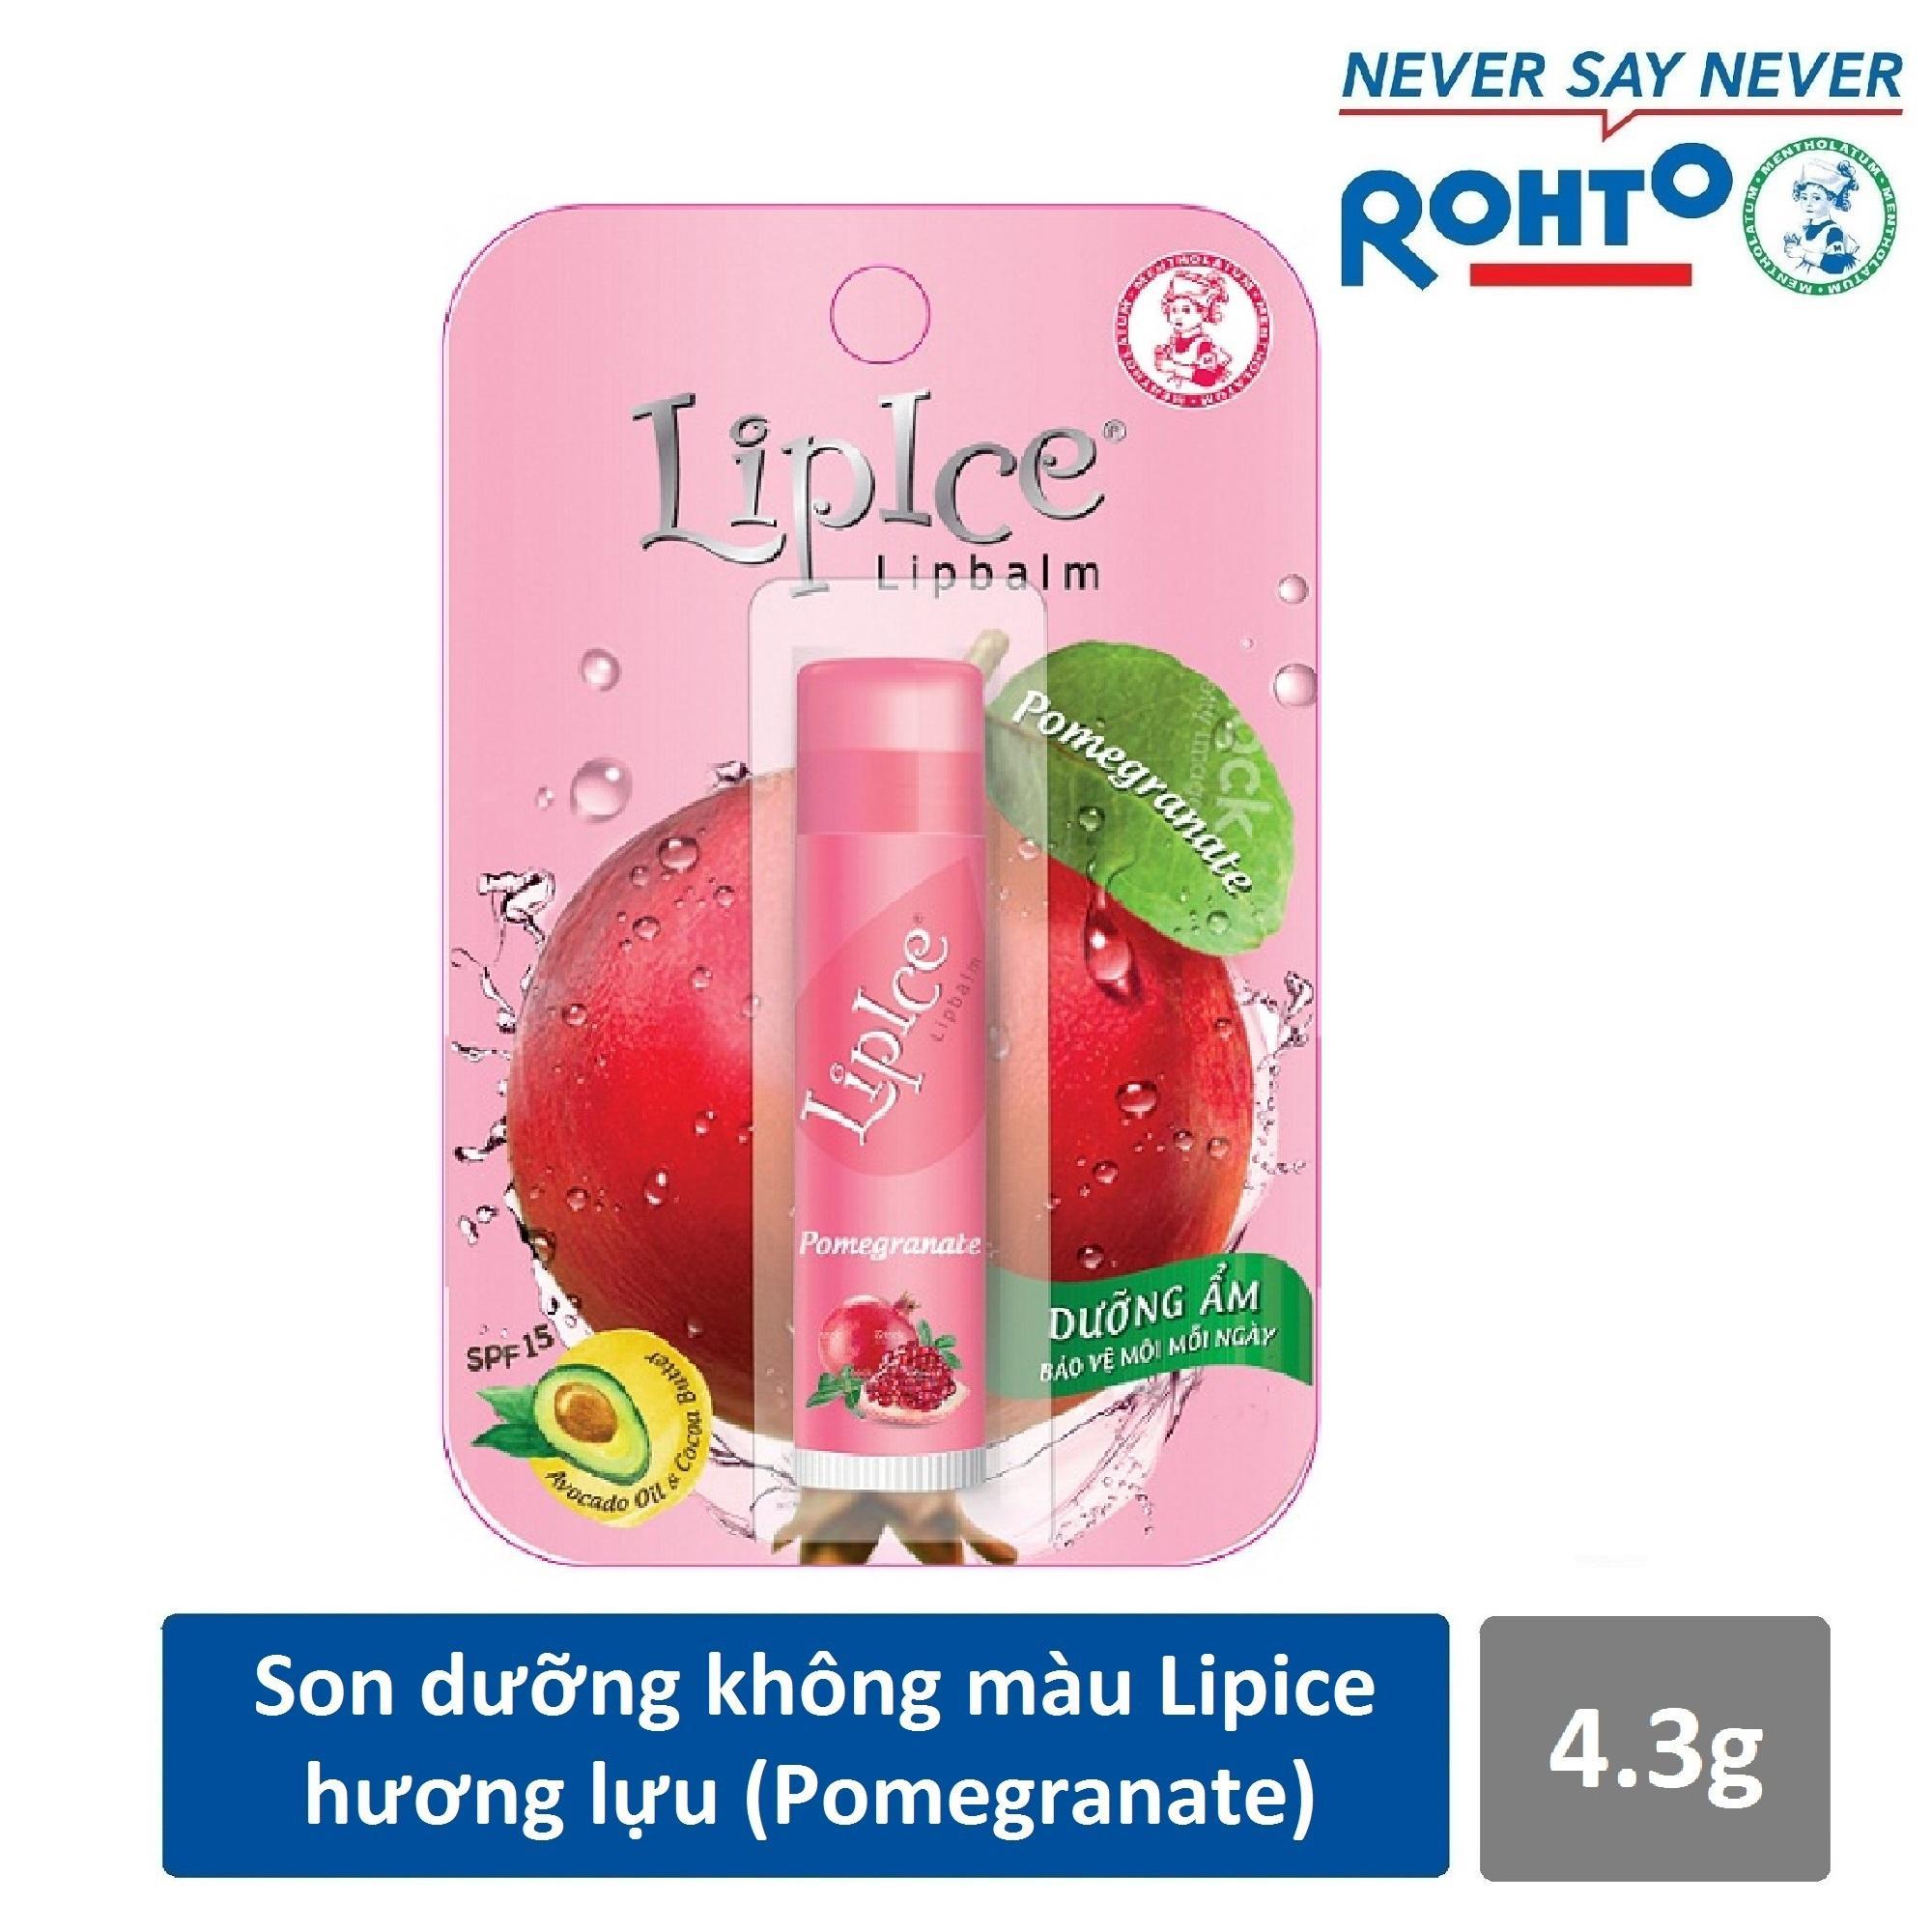 Son dưỡng không màu LipIce hương Lựu 4.3g